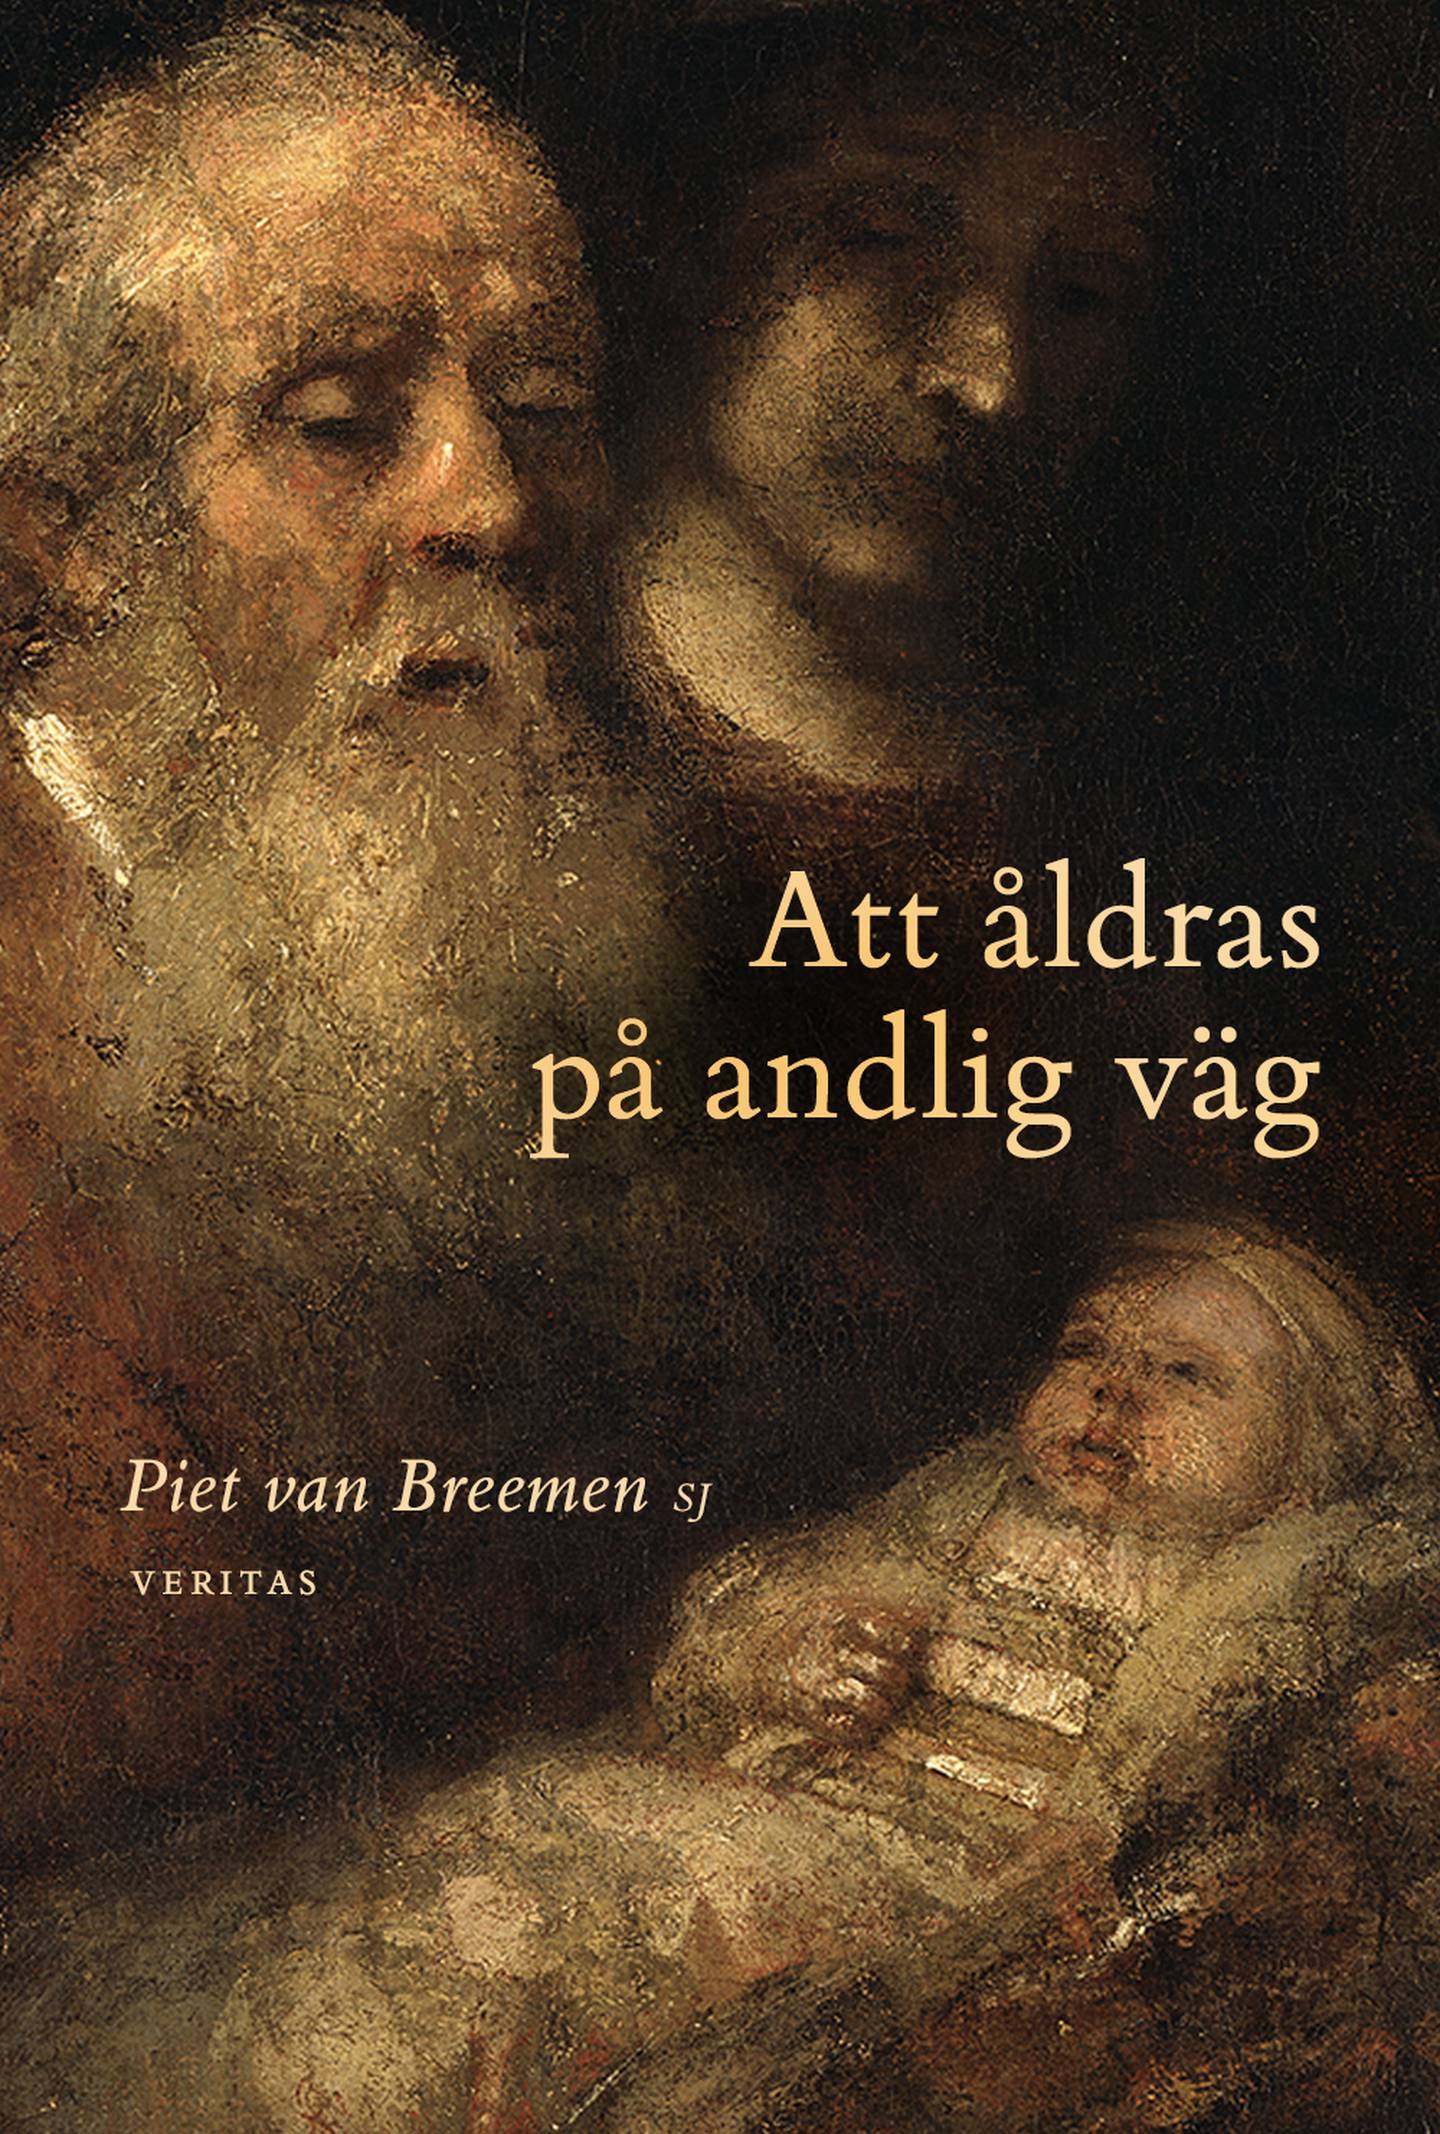 """""""Att åldrar på andlig väg"""" av Piet van Breemen SJ."""